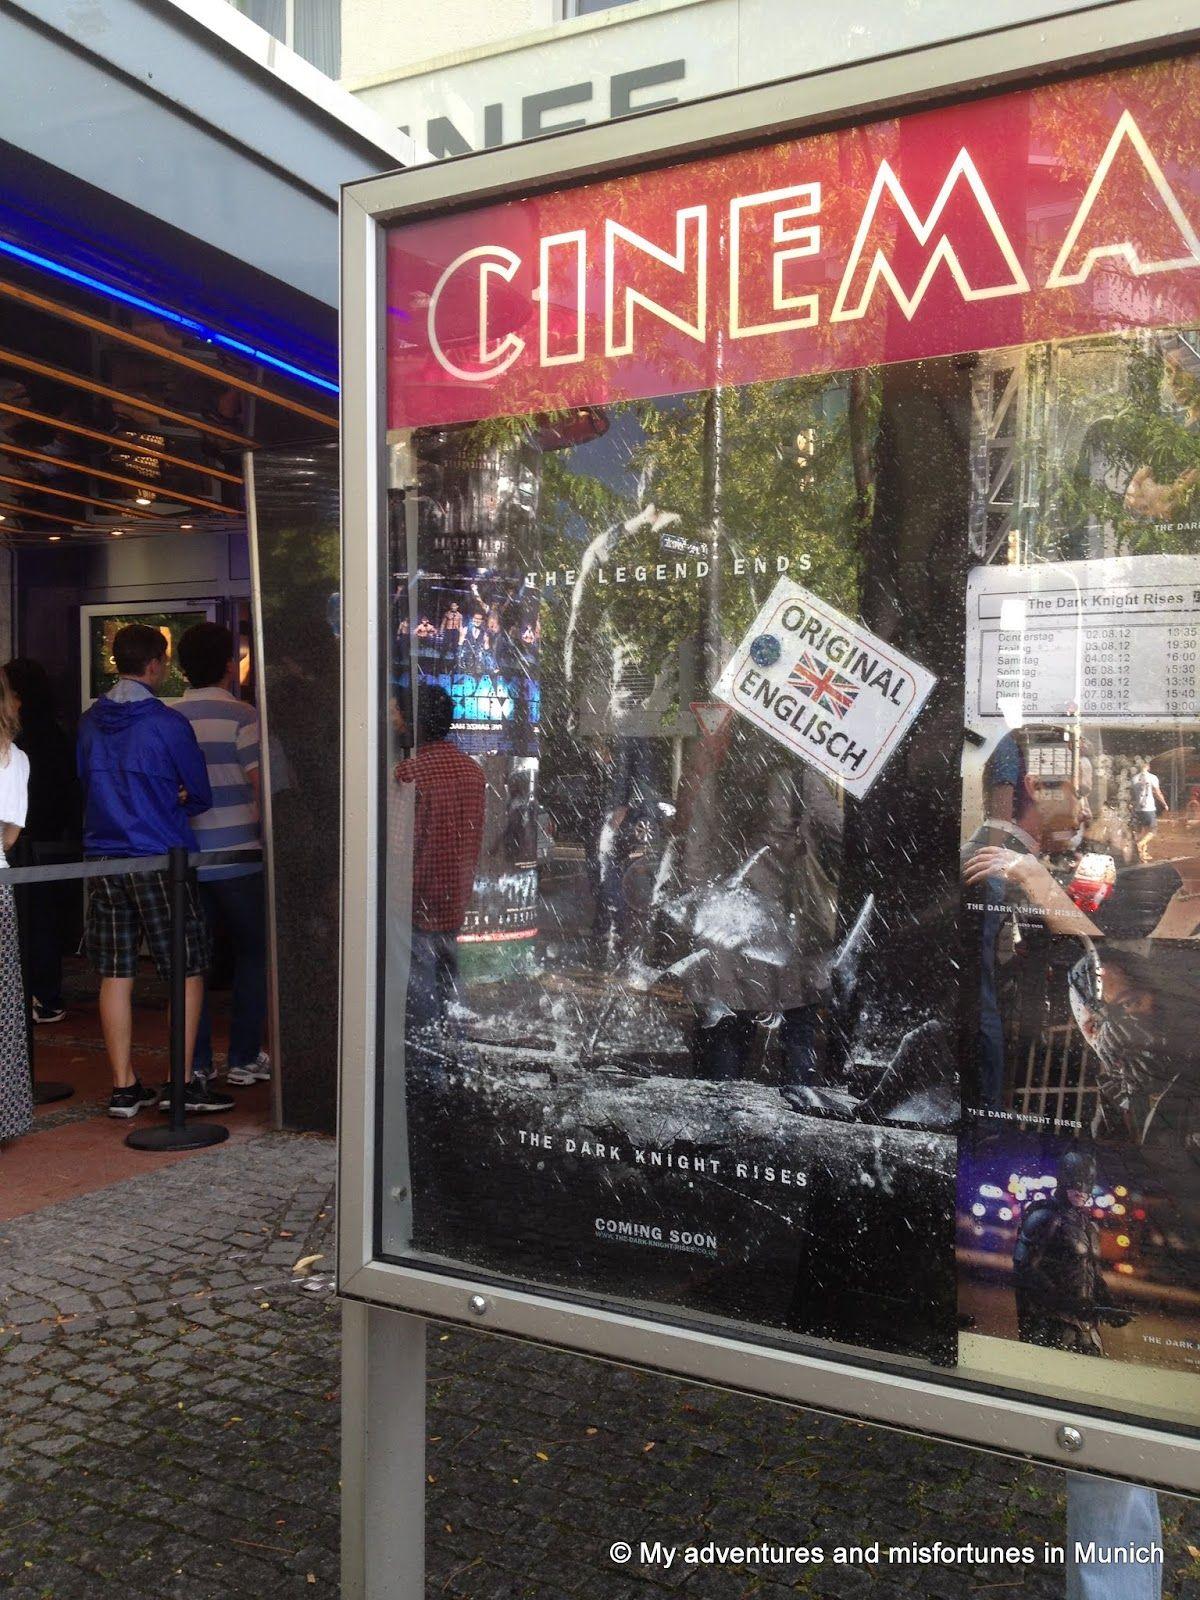 English Cinema Munich